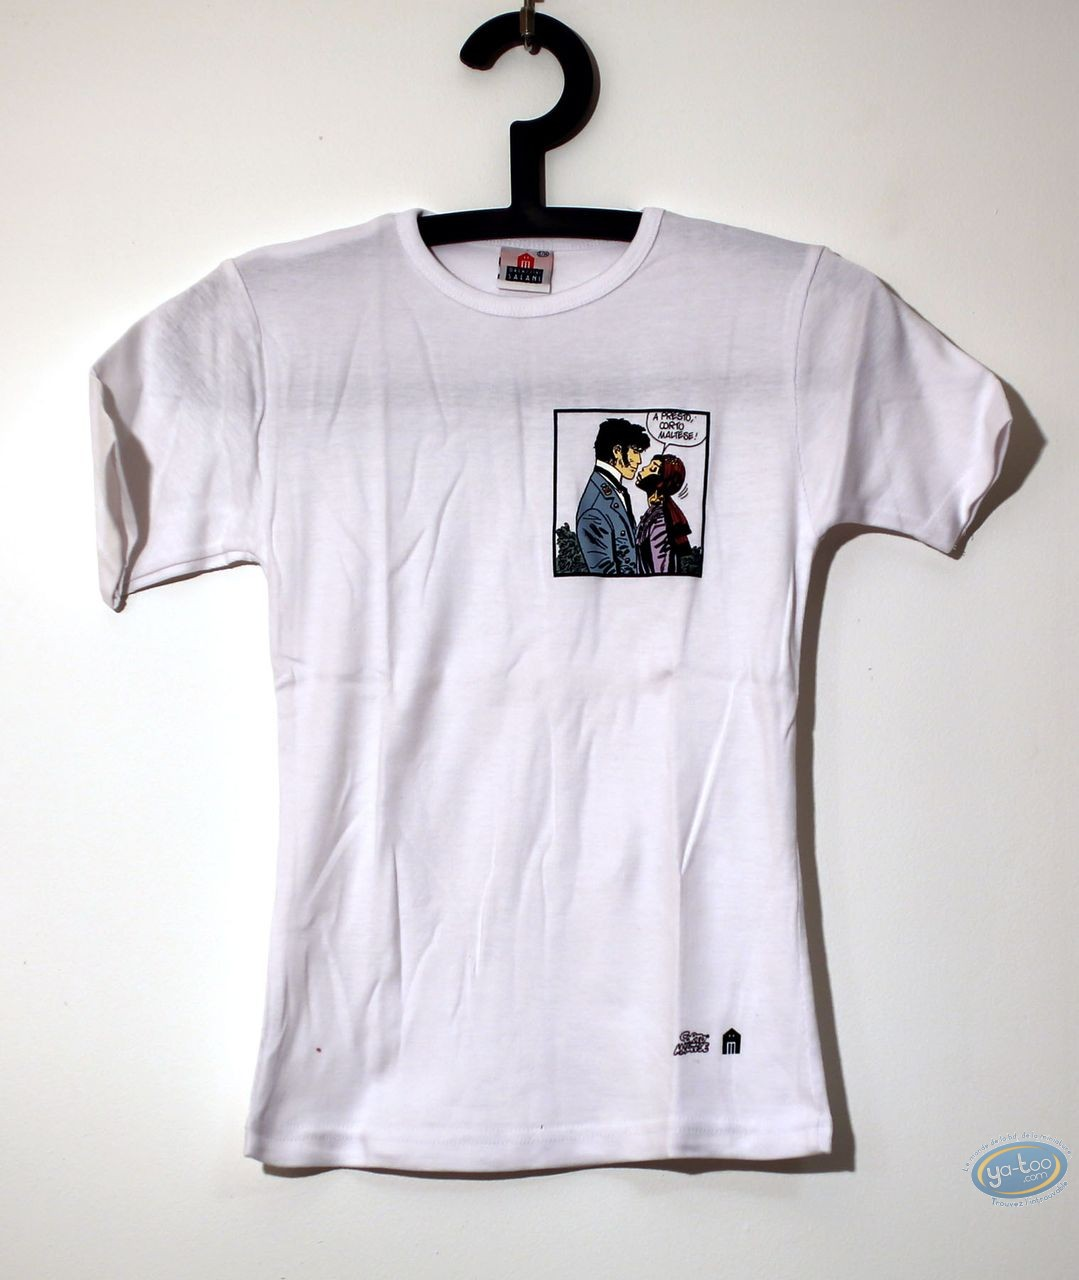 Clothes, Corto Maltese : T-shirt, Corto Maltese : Lady Morgany size S/M